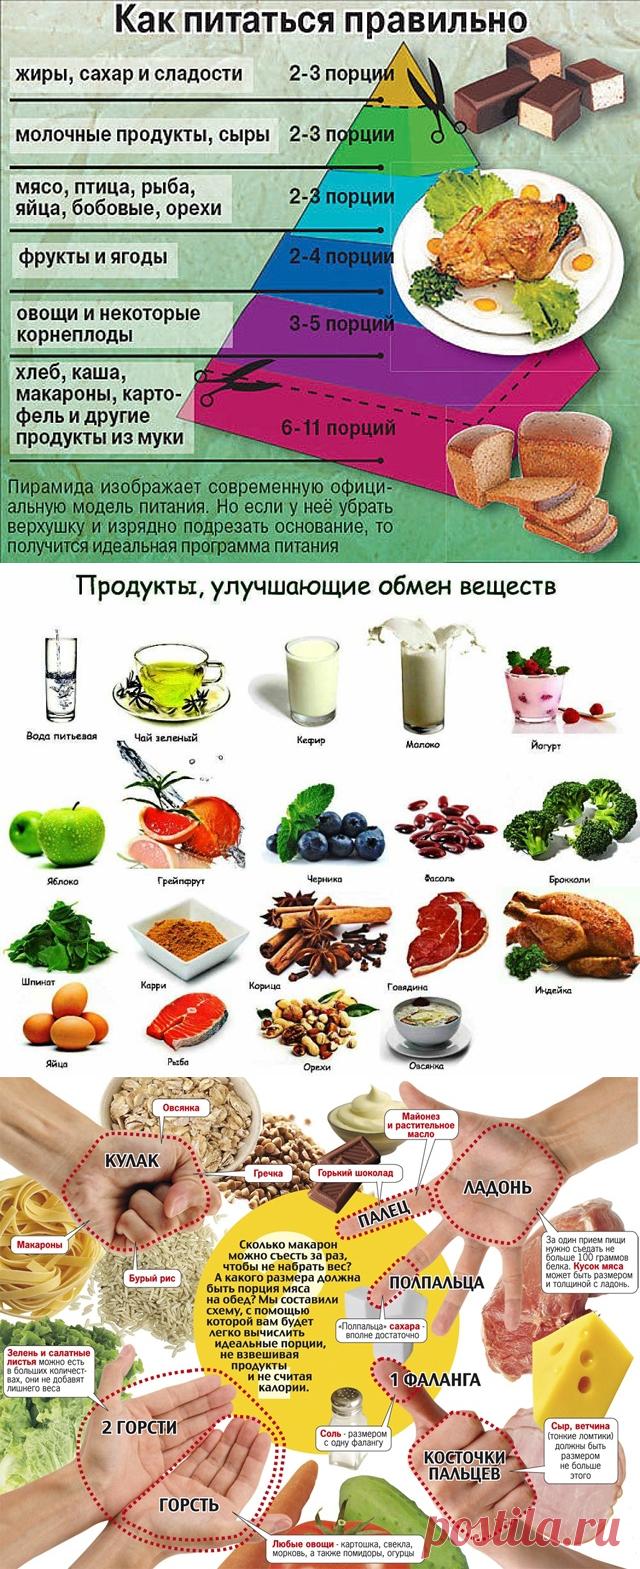 Правильное питание для похудения - примерное меню на неделю 1200 ккал, на  каждый день от 4ad446691c5